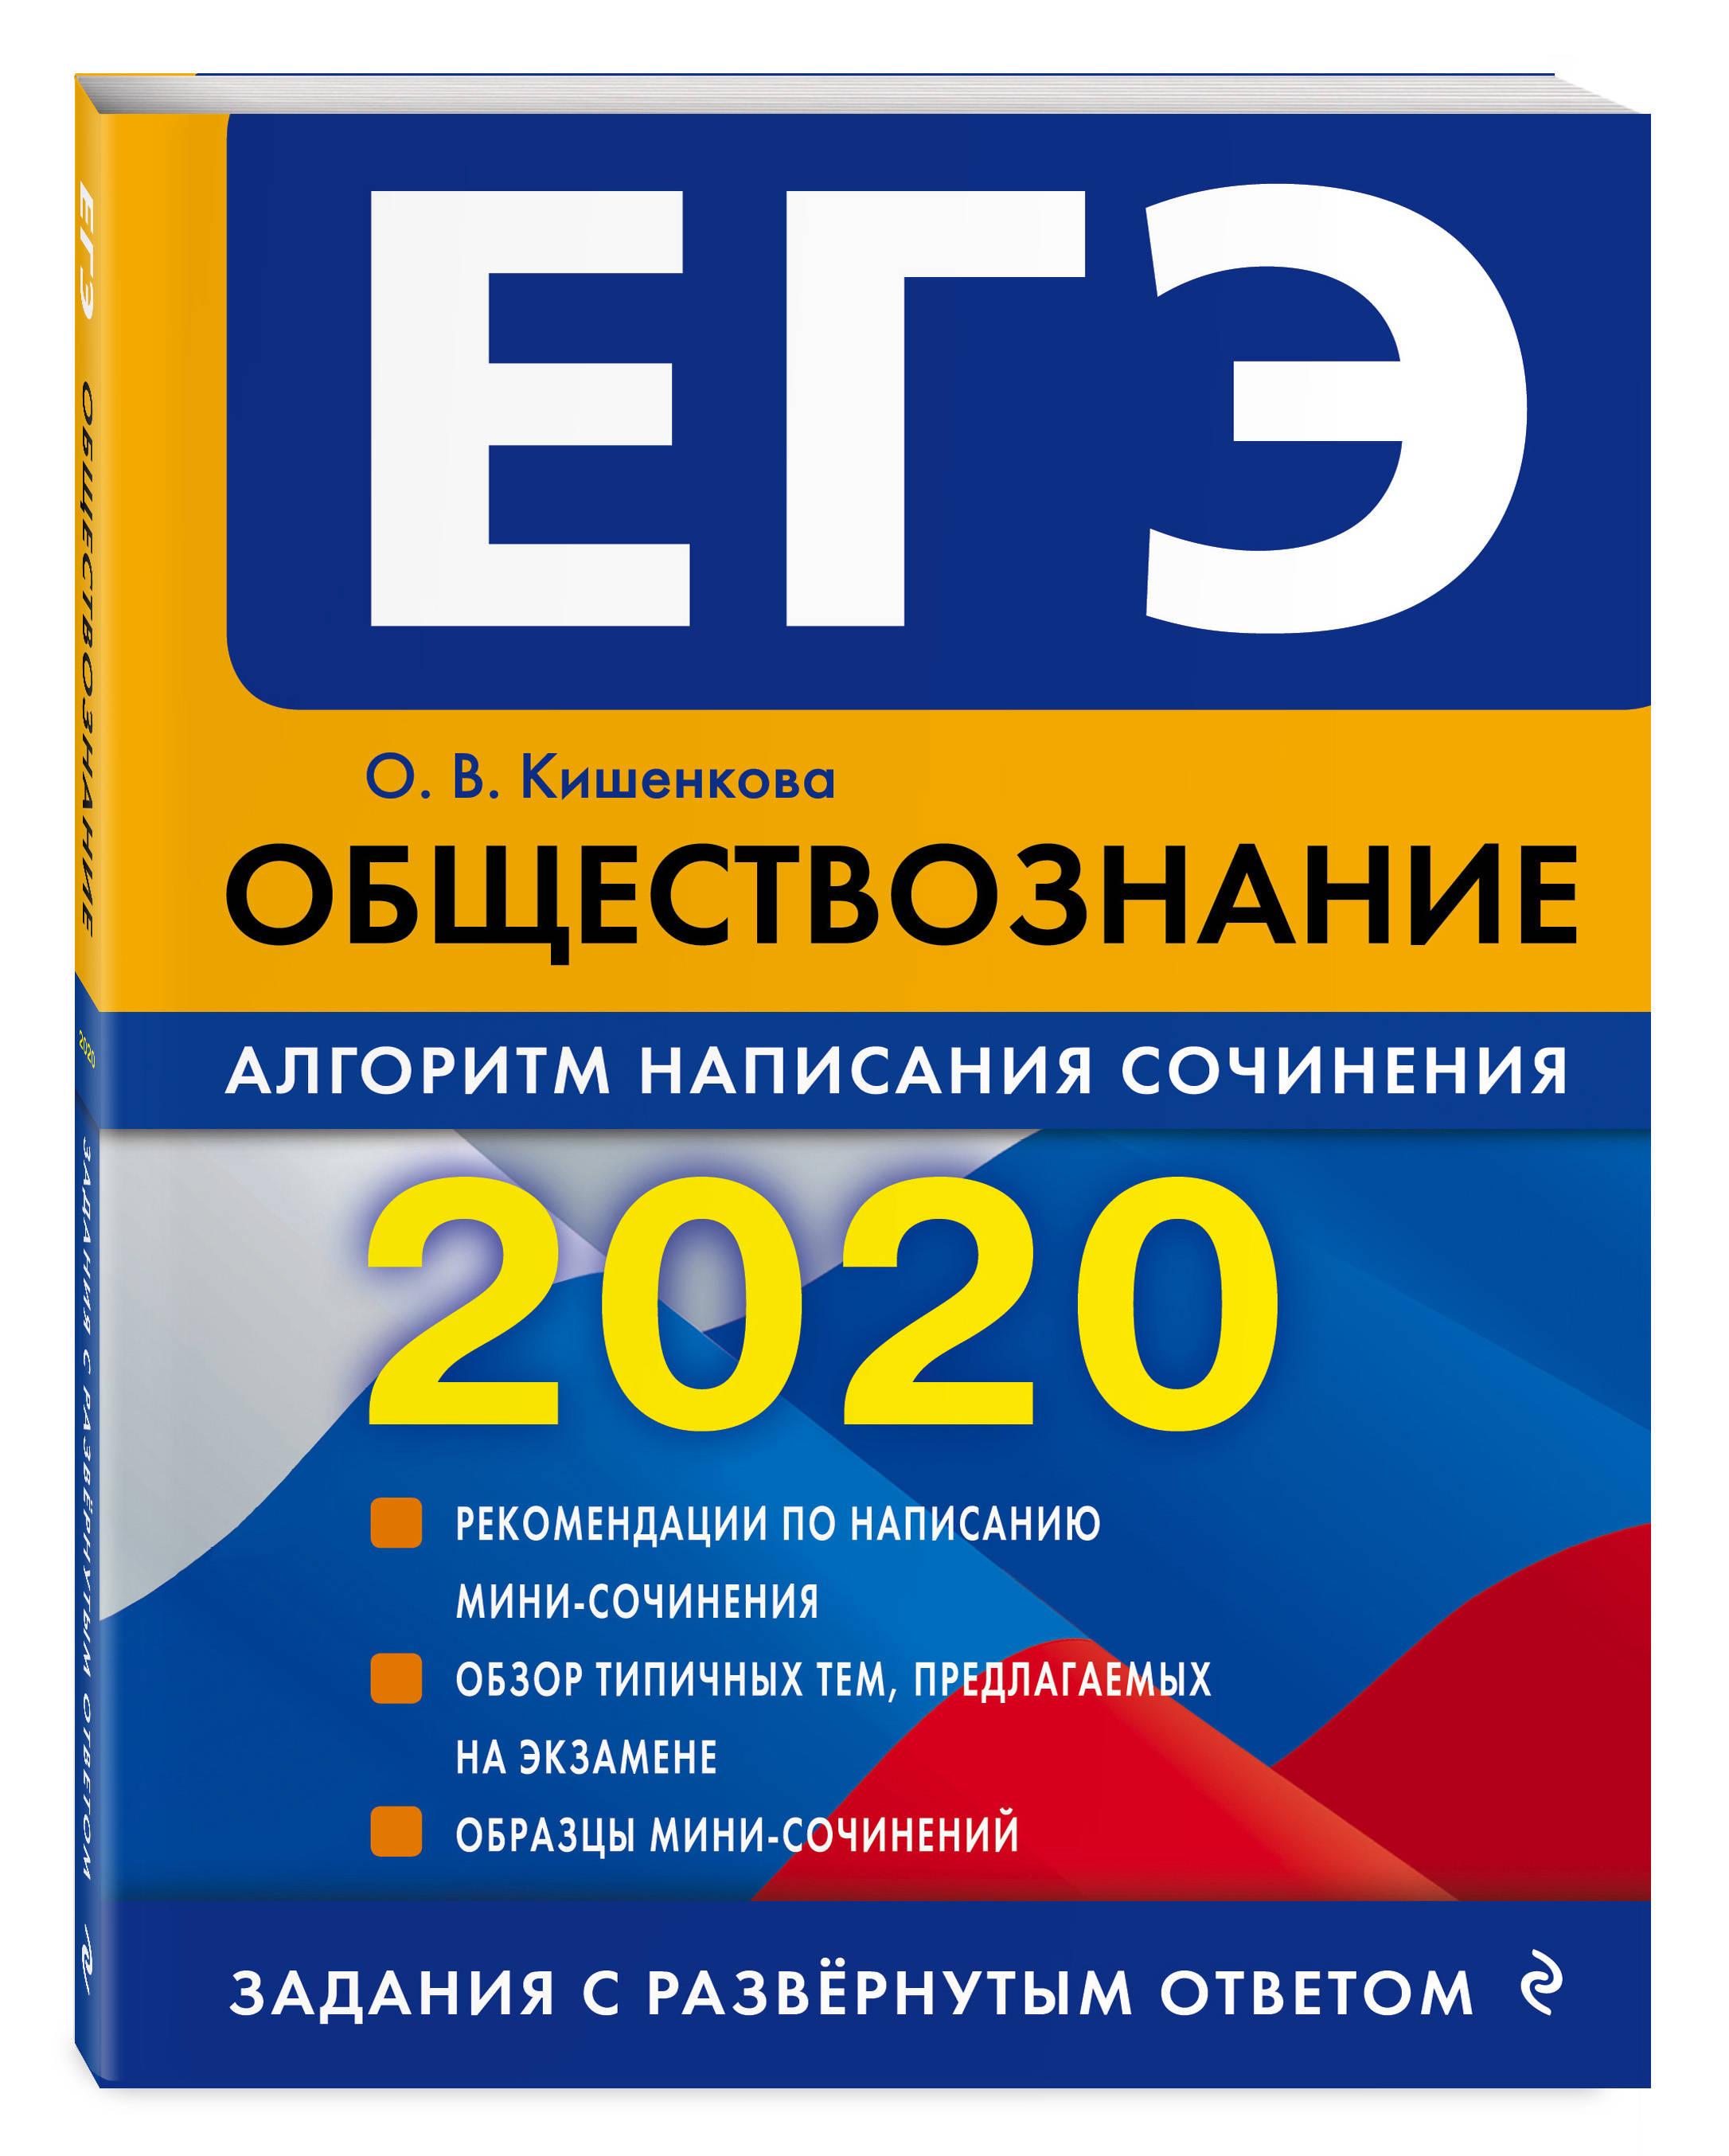 цена на О. В. Кишенкова ЕГЭ-2020. Обществознание. Алгоритм написания сочинения